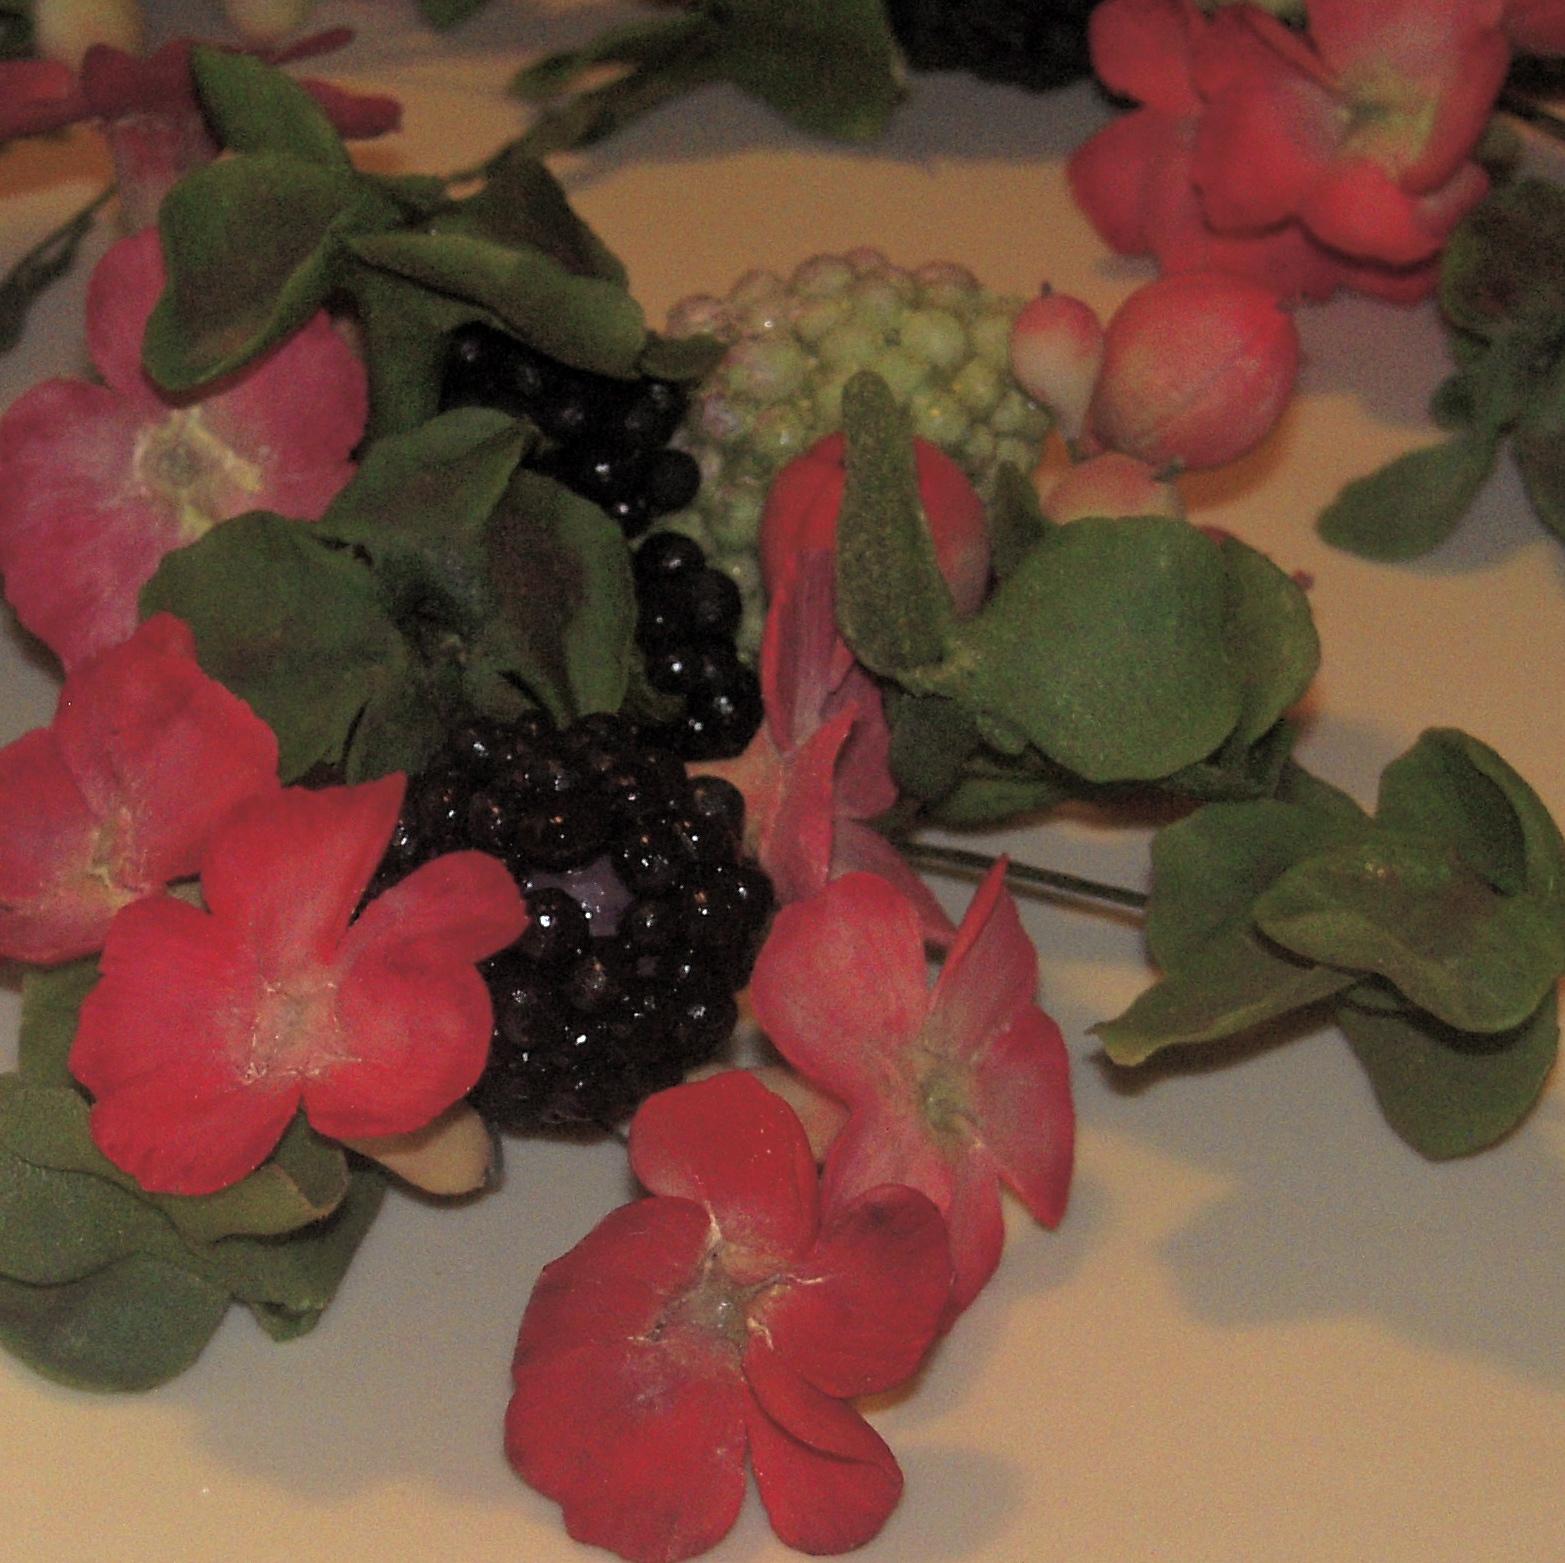 Dettaglio fiori more e foglie